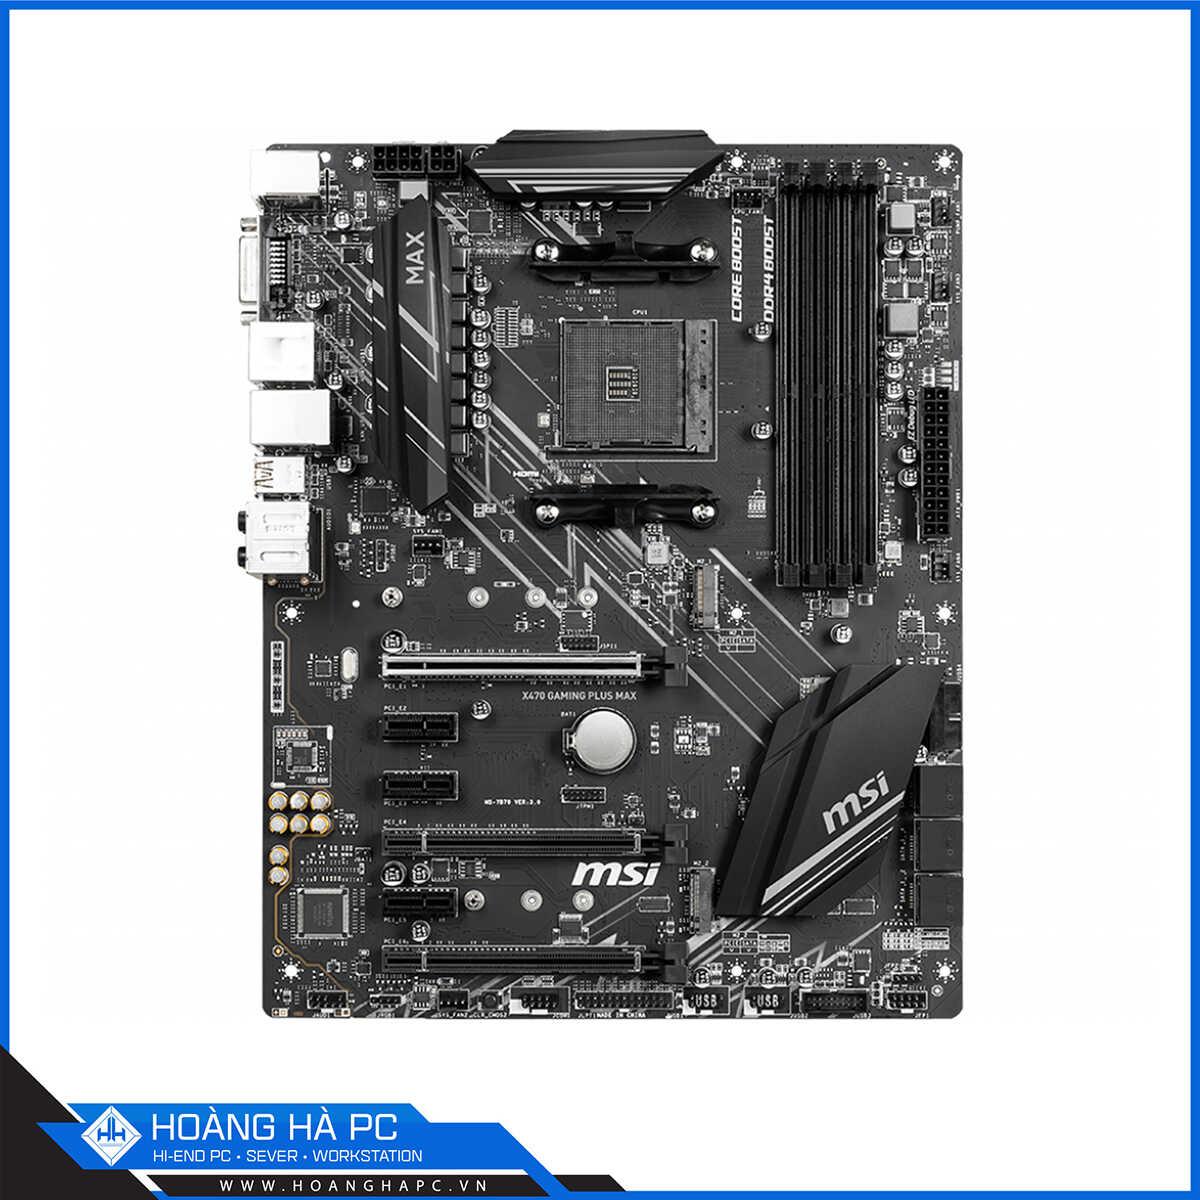 Bo mạch chủ AMD X470 được nhiều khách hàng tin chọn